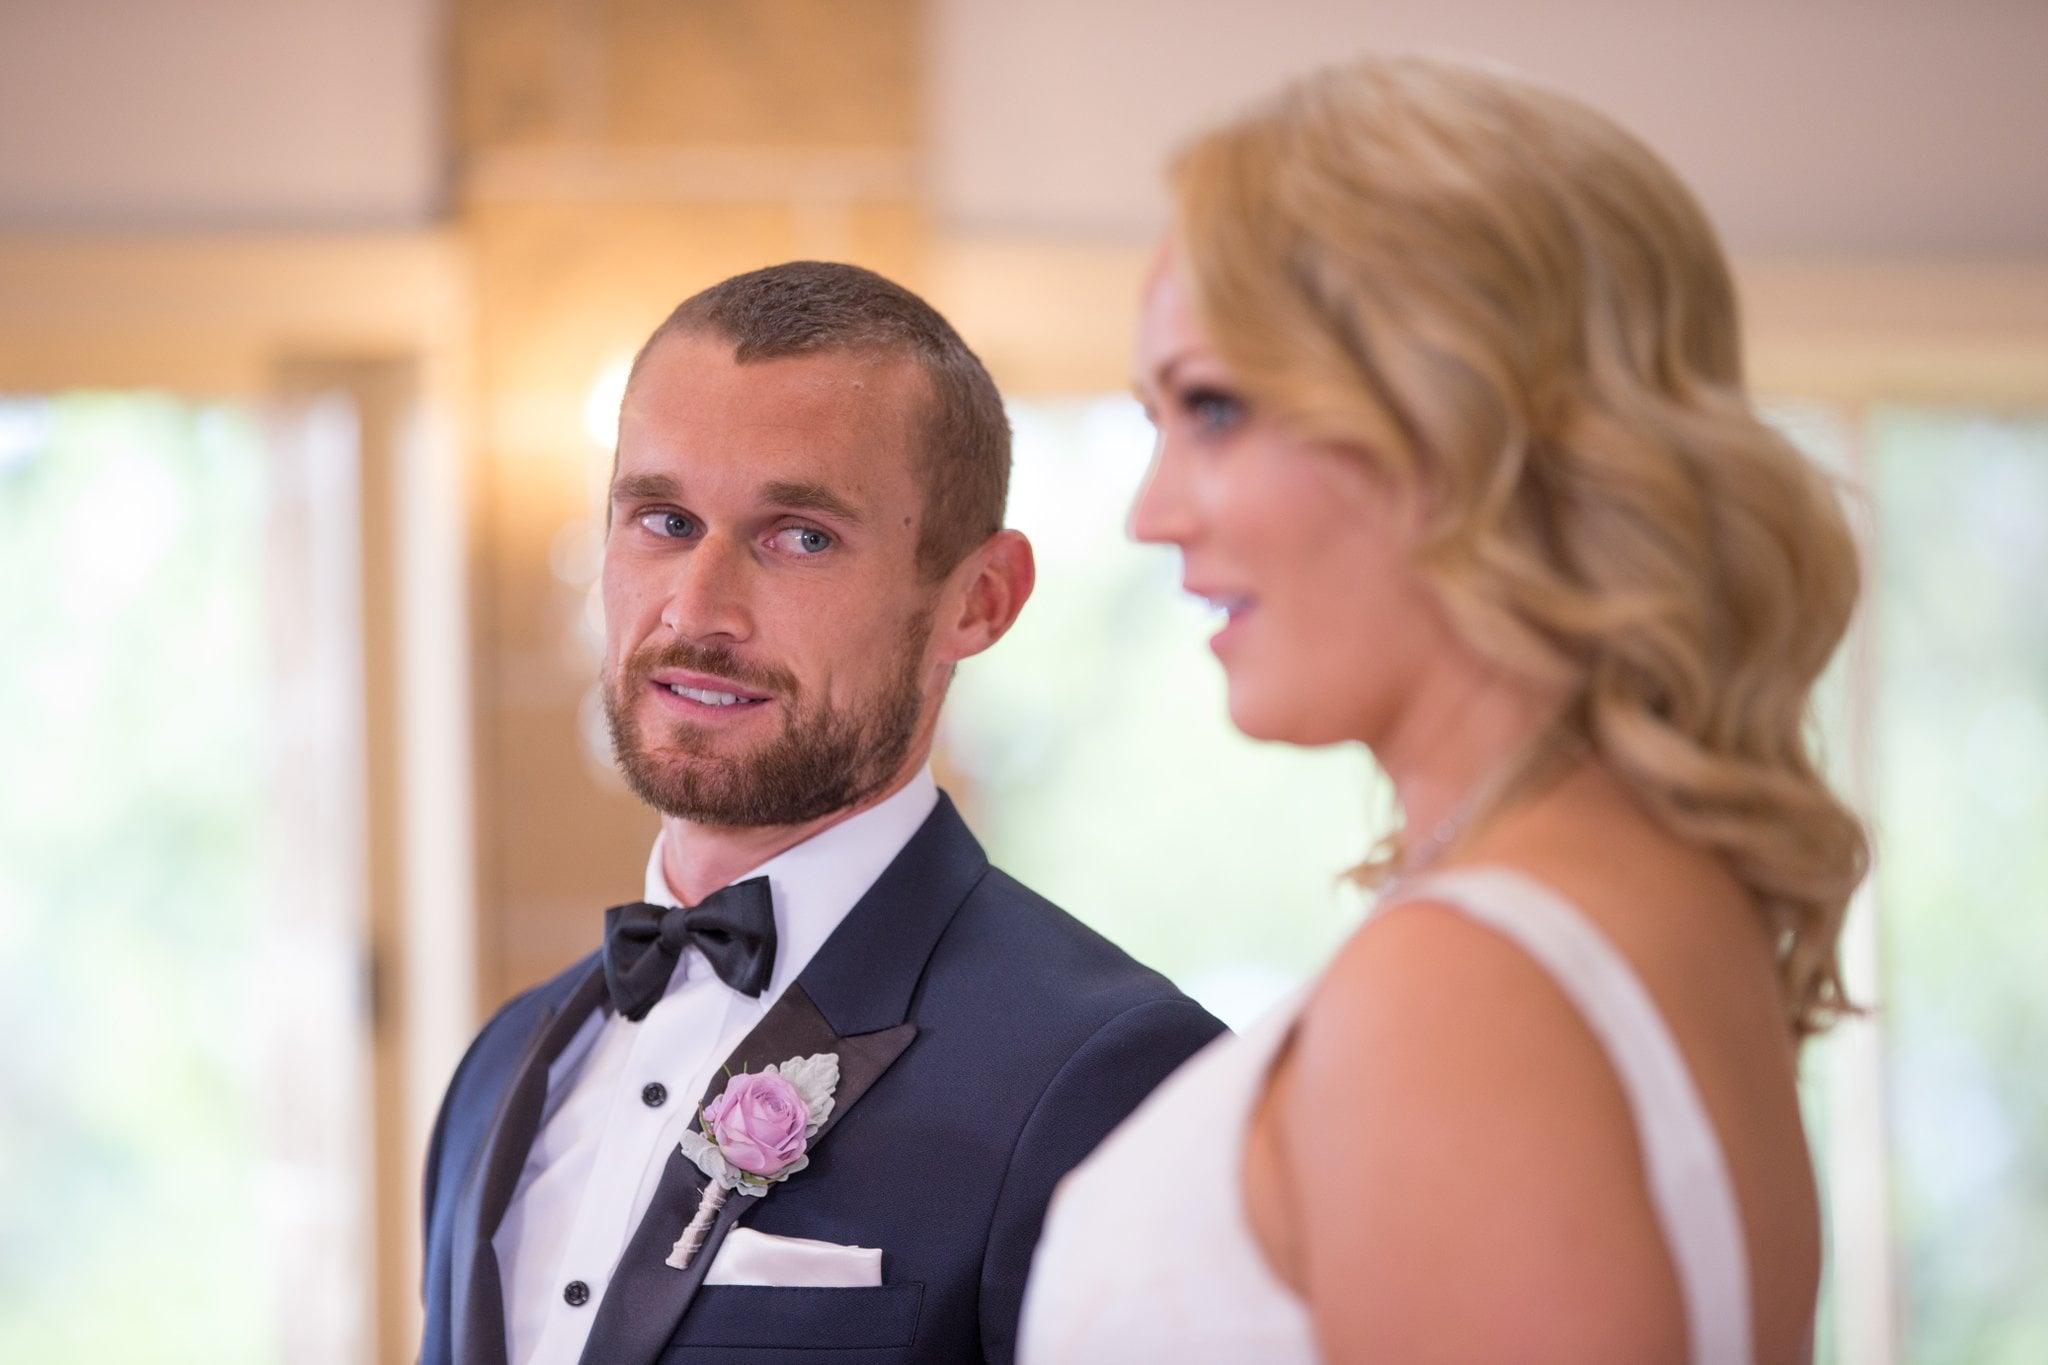 Format Married Sight 2017 Popsugar Celebrity